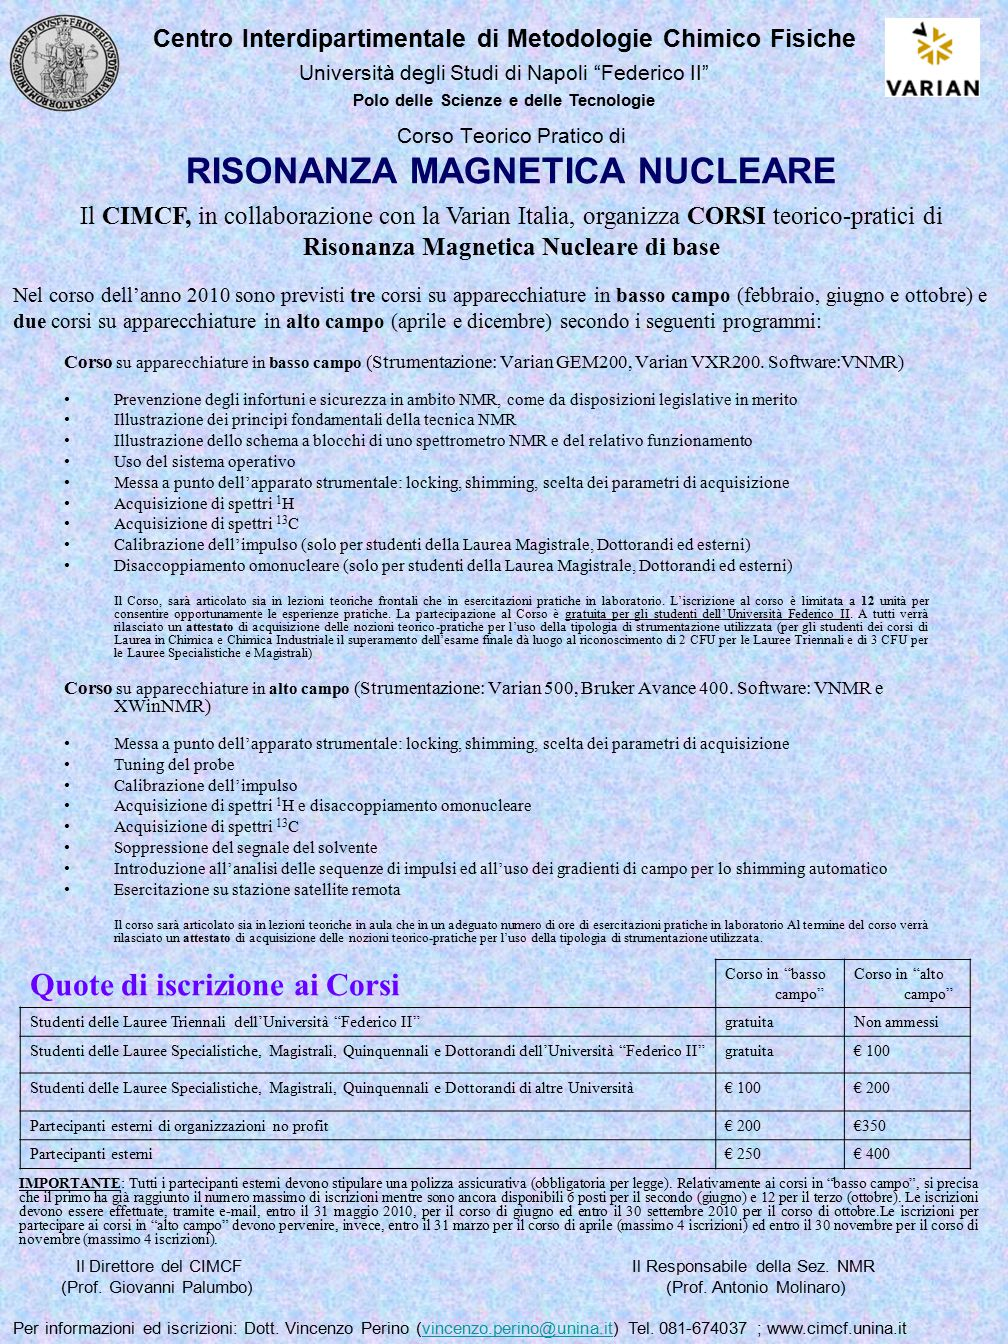 Corso Teorico Pratico di RISONANZA MAGNETICA NUCLEARE